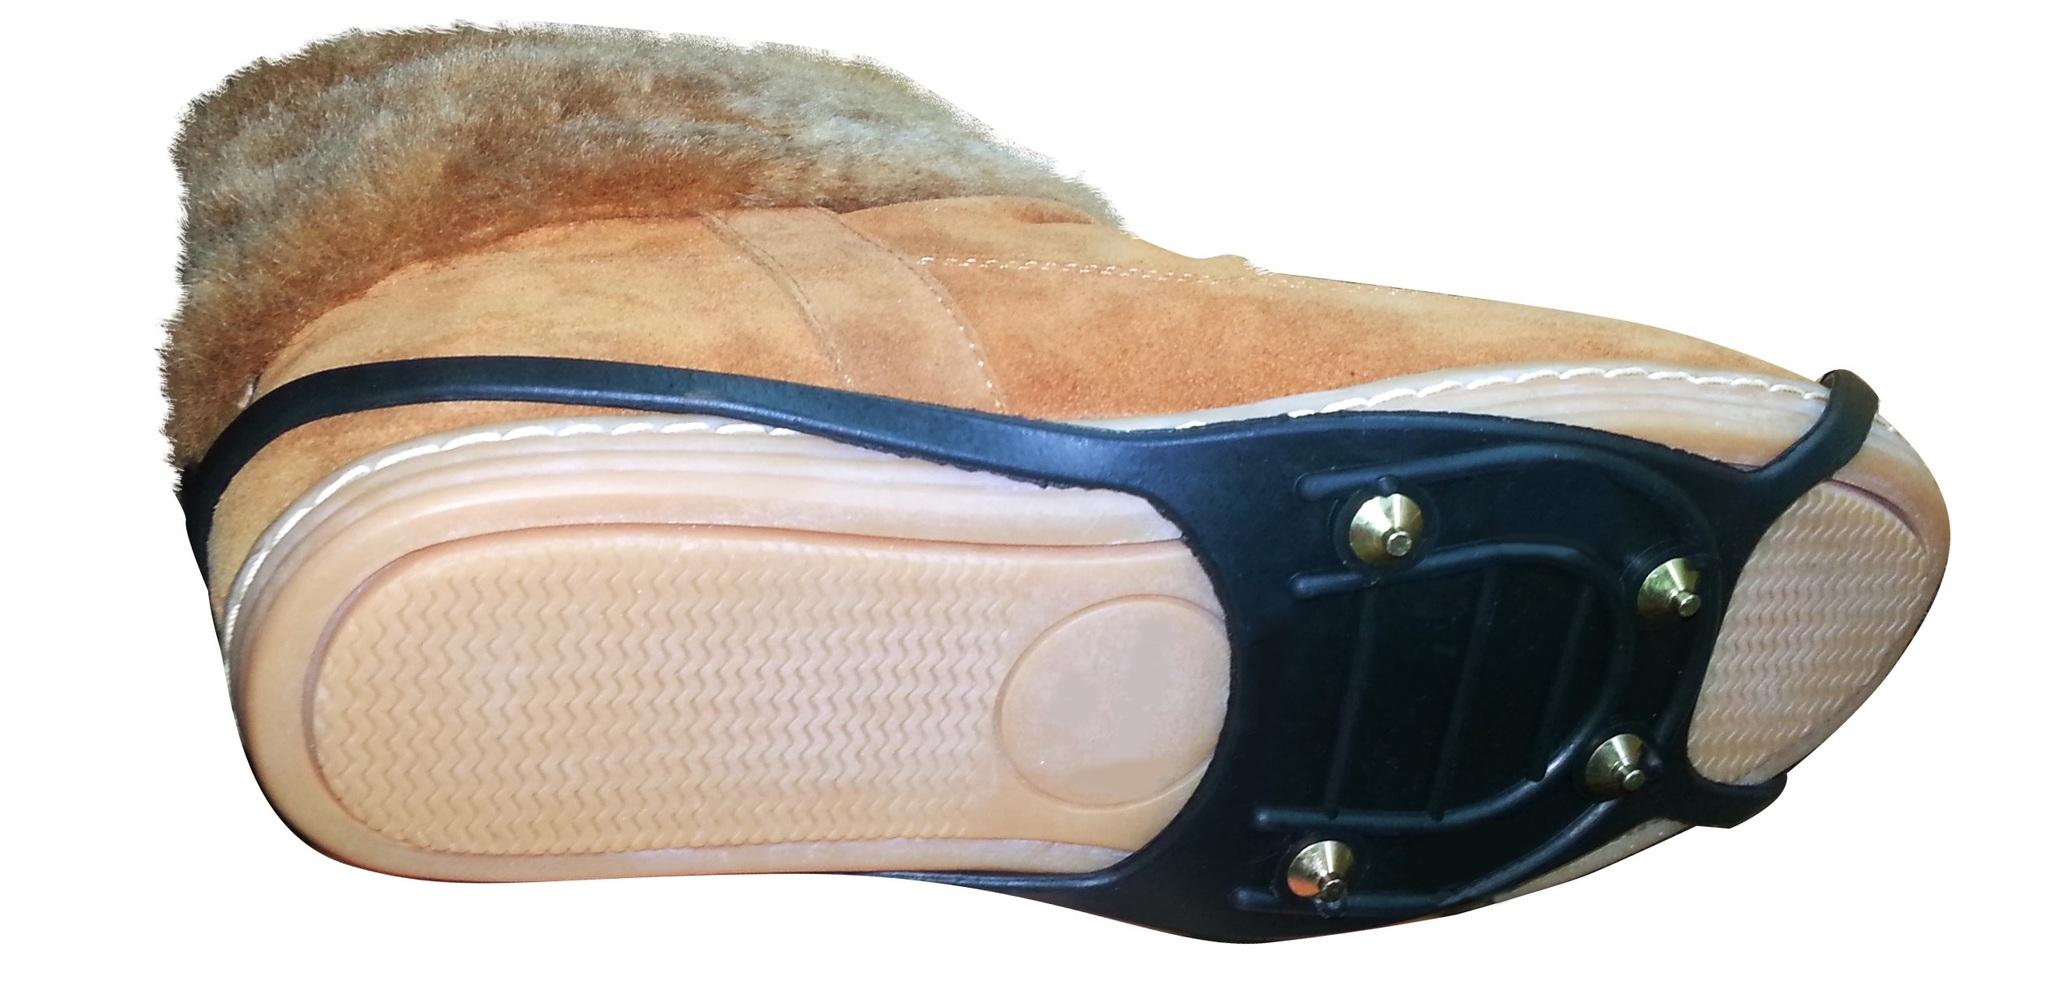 Накладки на обувь в слякоть, гололед и сугробы на 4 шипах-гвоздиках